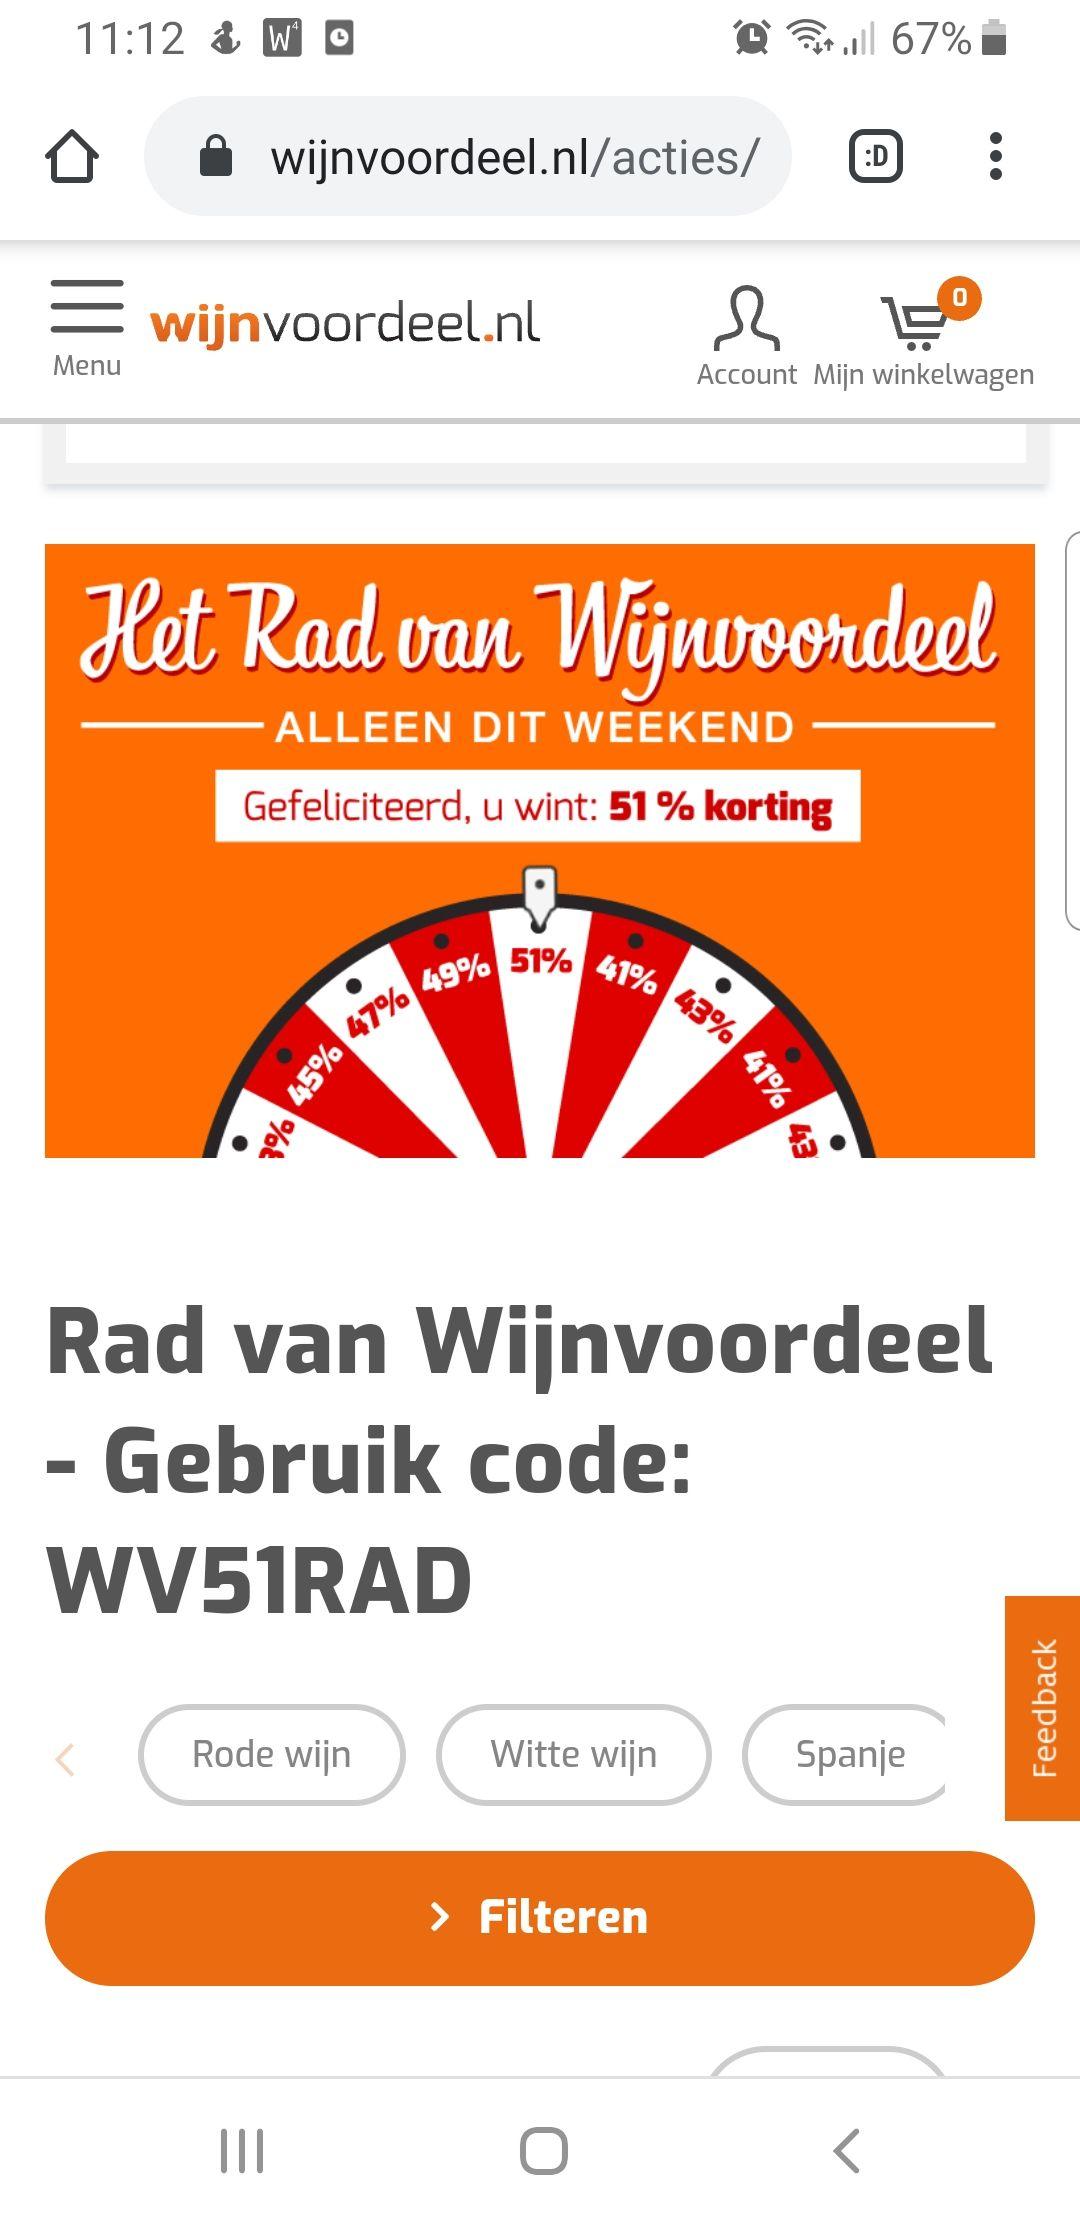 51% korting op de wijnen van wijnvoordeel.nl